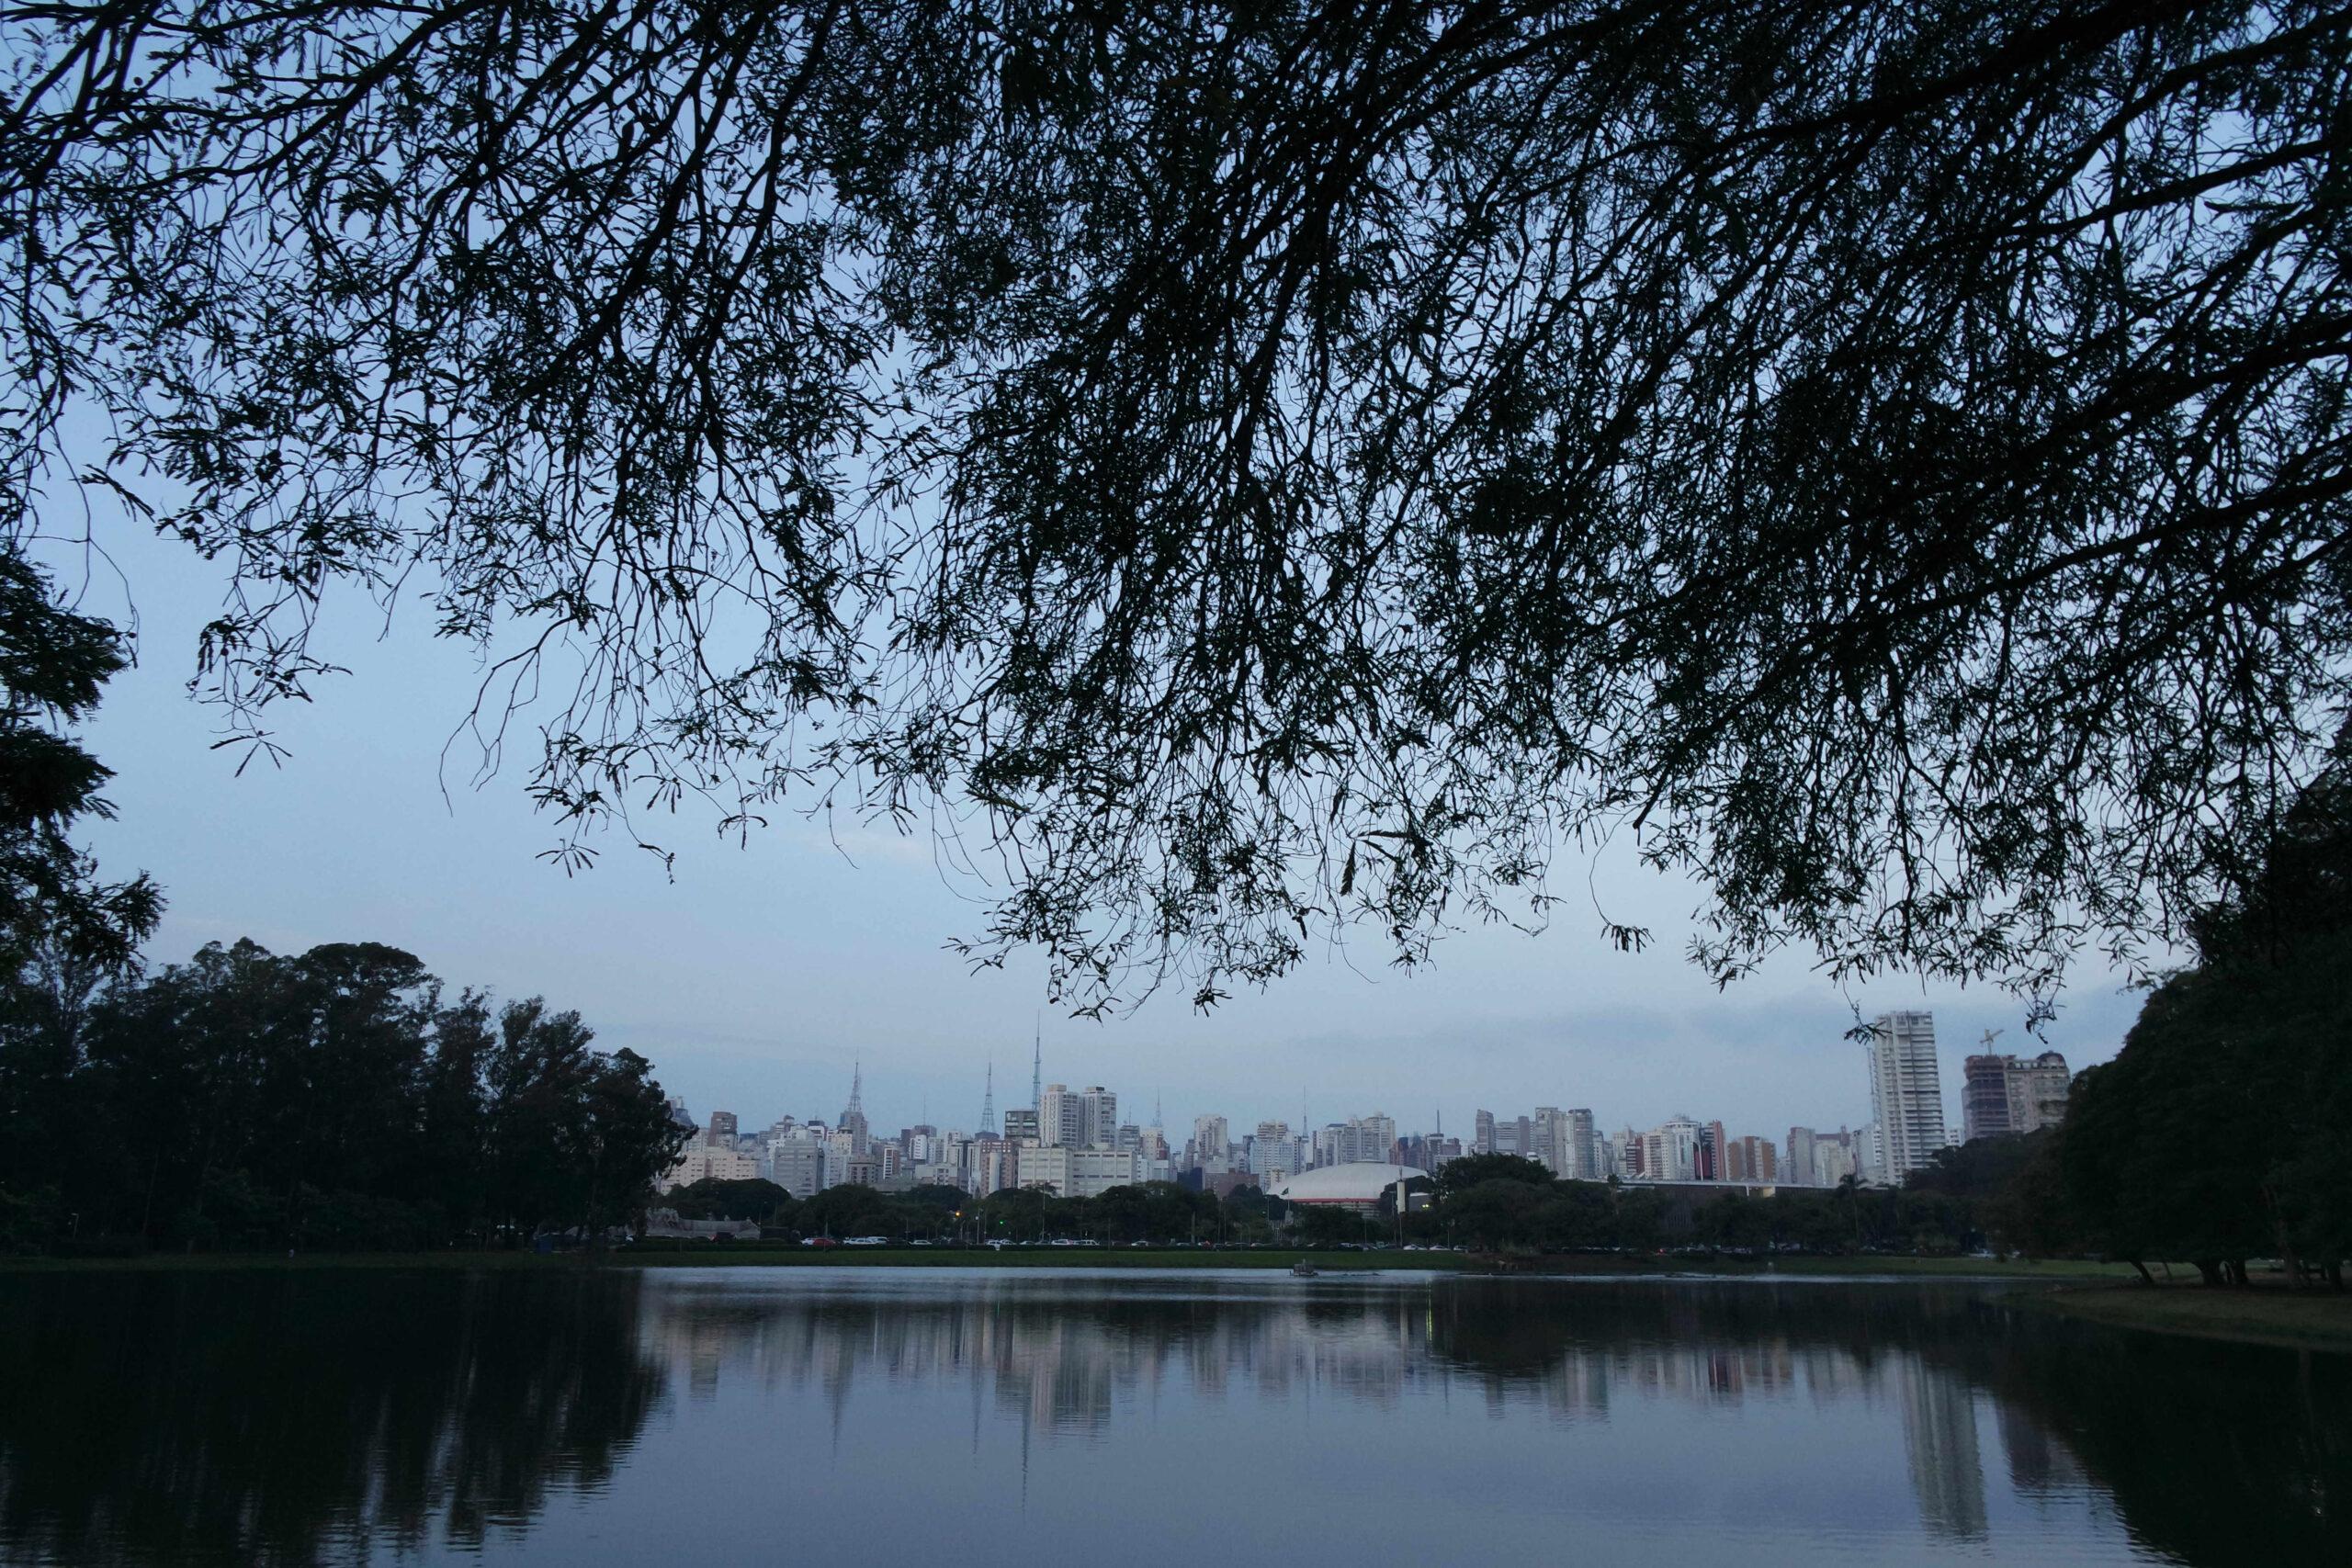 Parques São Paulo: Ibirapuera